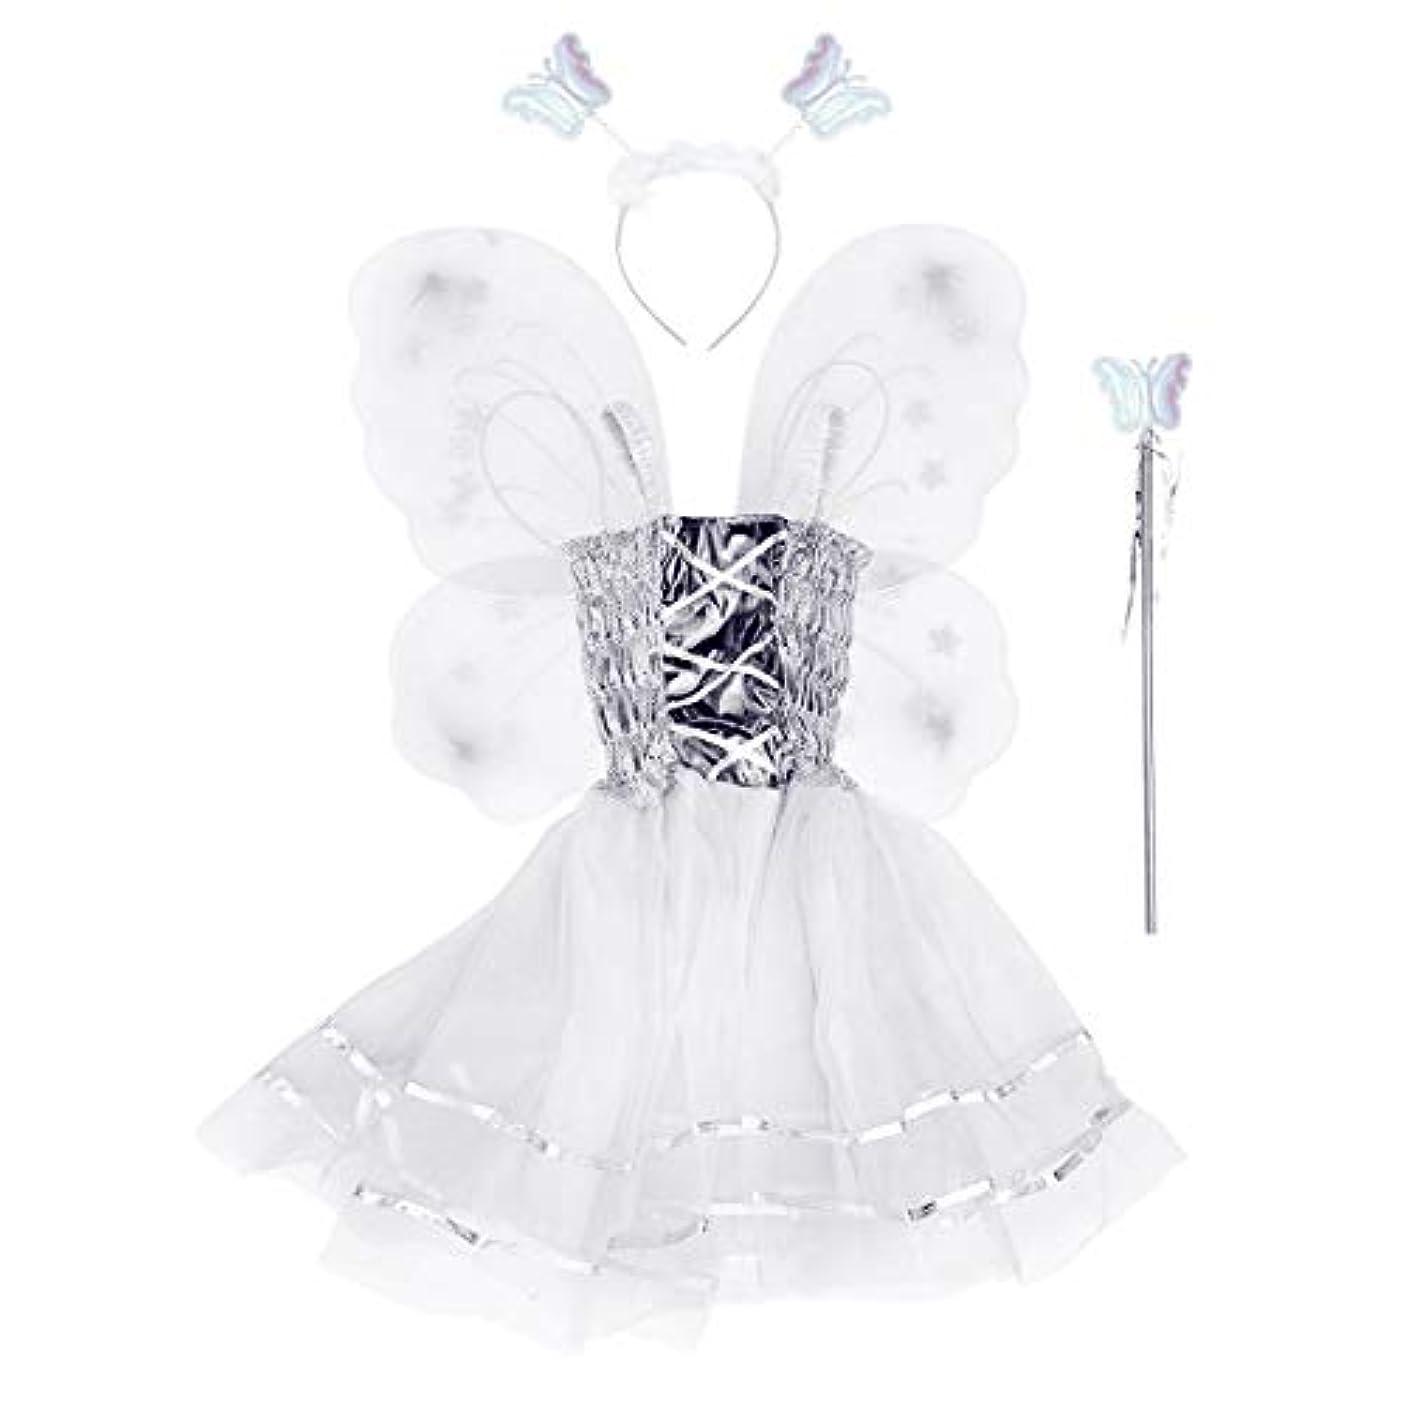 ミシン悪夢つかまえるBESTOYARD 4本の女の子バタフライプリンセス妖精のコスチュームセット蝶の羽、ワンド、ヘッドバンドとツツードレス(ホワイト)